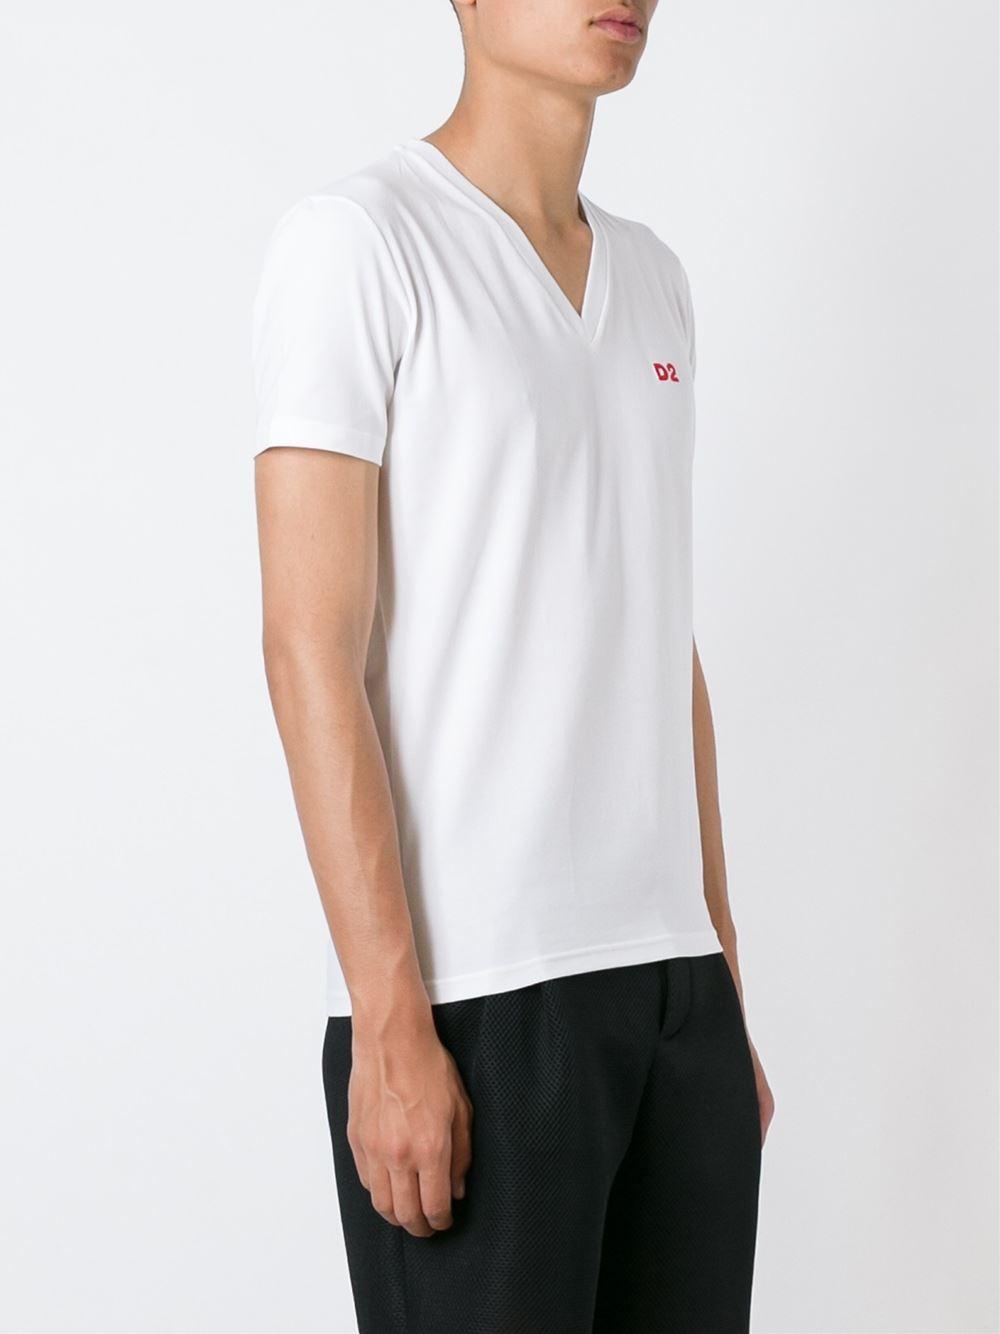 Dsquared v neck t shirt in white for men lyst for V neck white t shirts for men